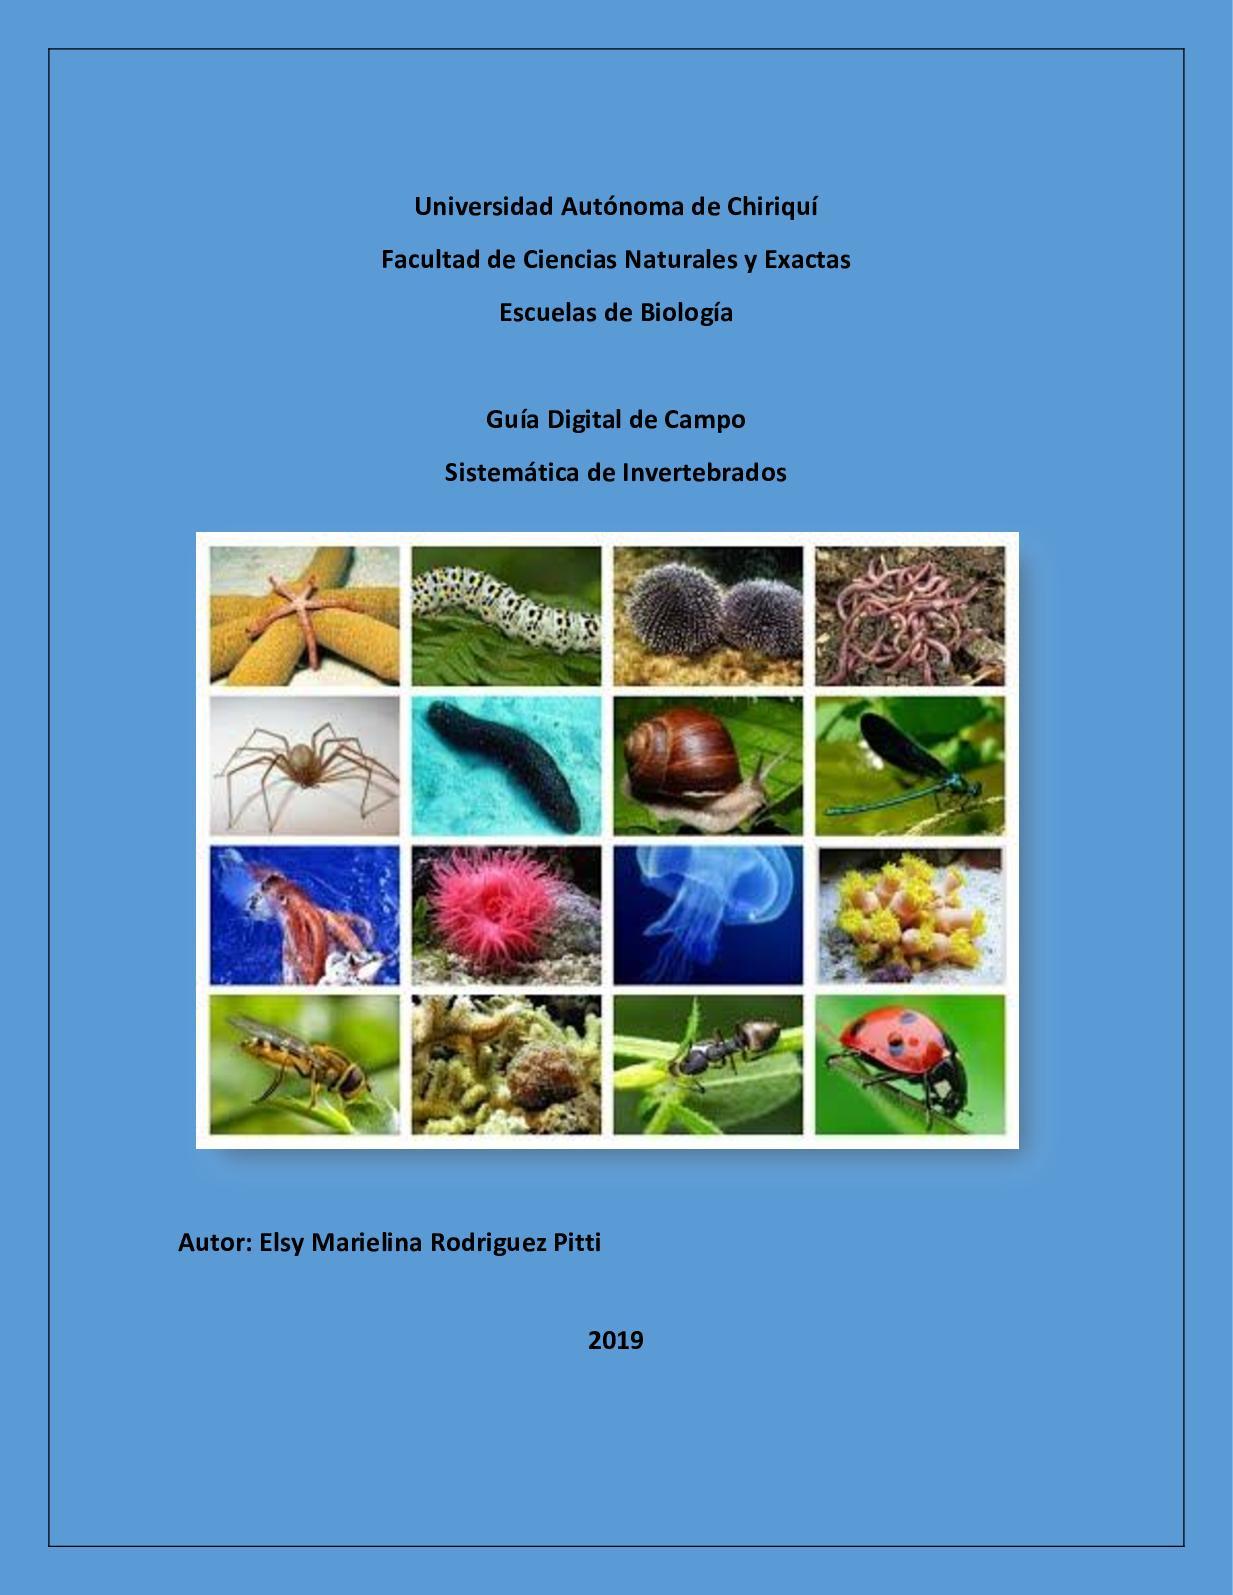 clasifică nemathelminthes în marina)